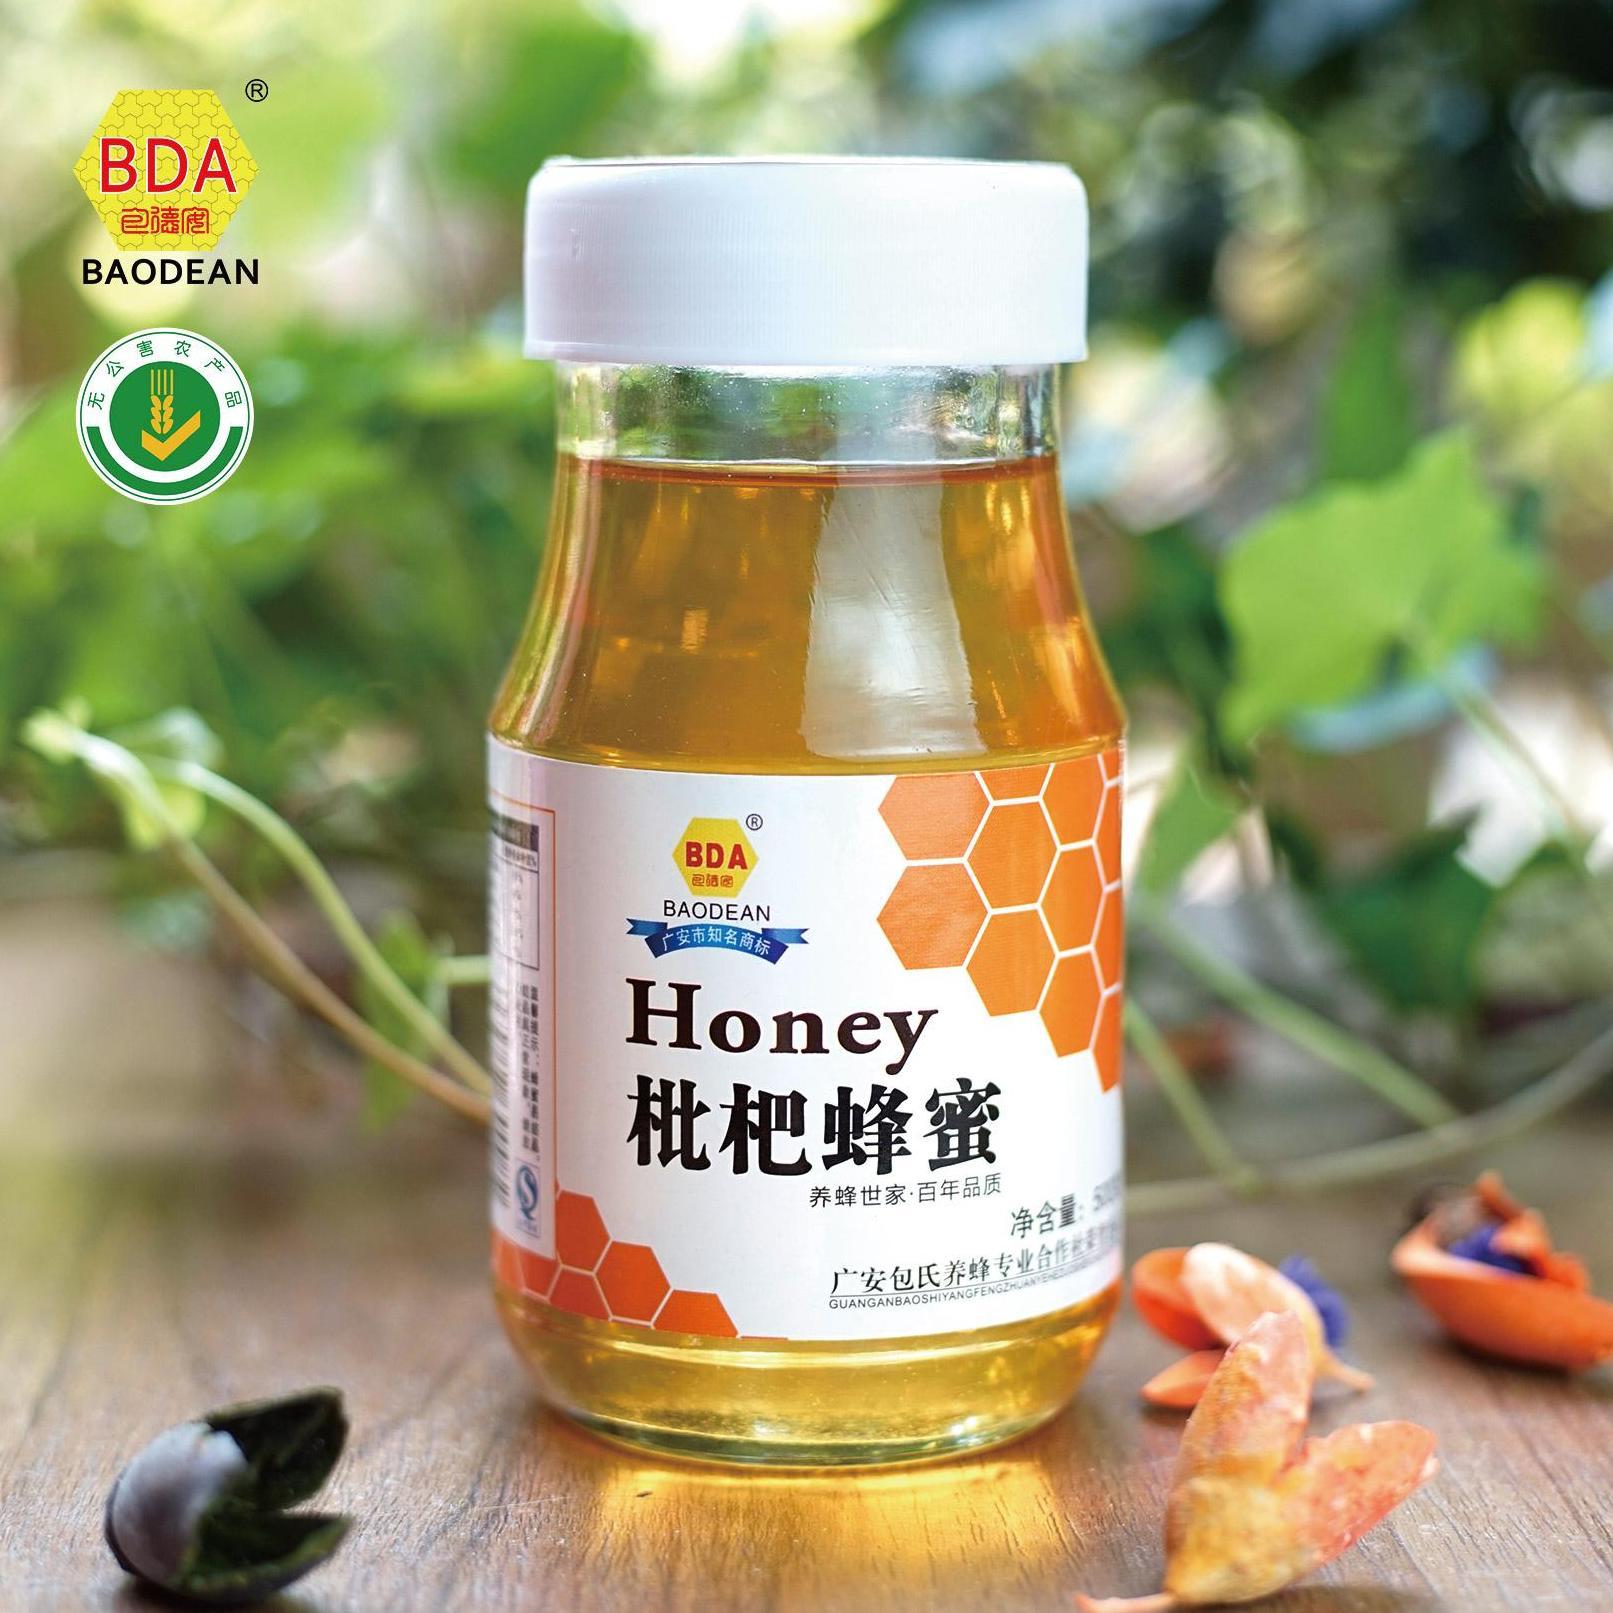 [广安特产] 包德安/BDA 500g枇杷花蜂蜜 无公害农产品 农家自产野生蜂蜜